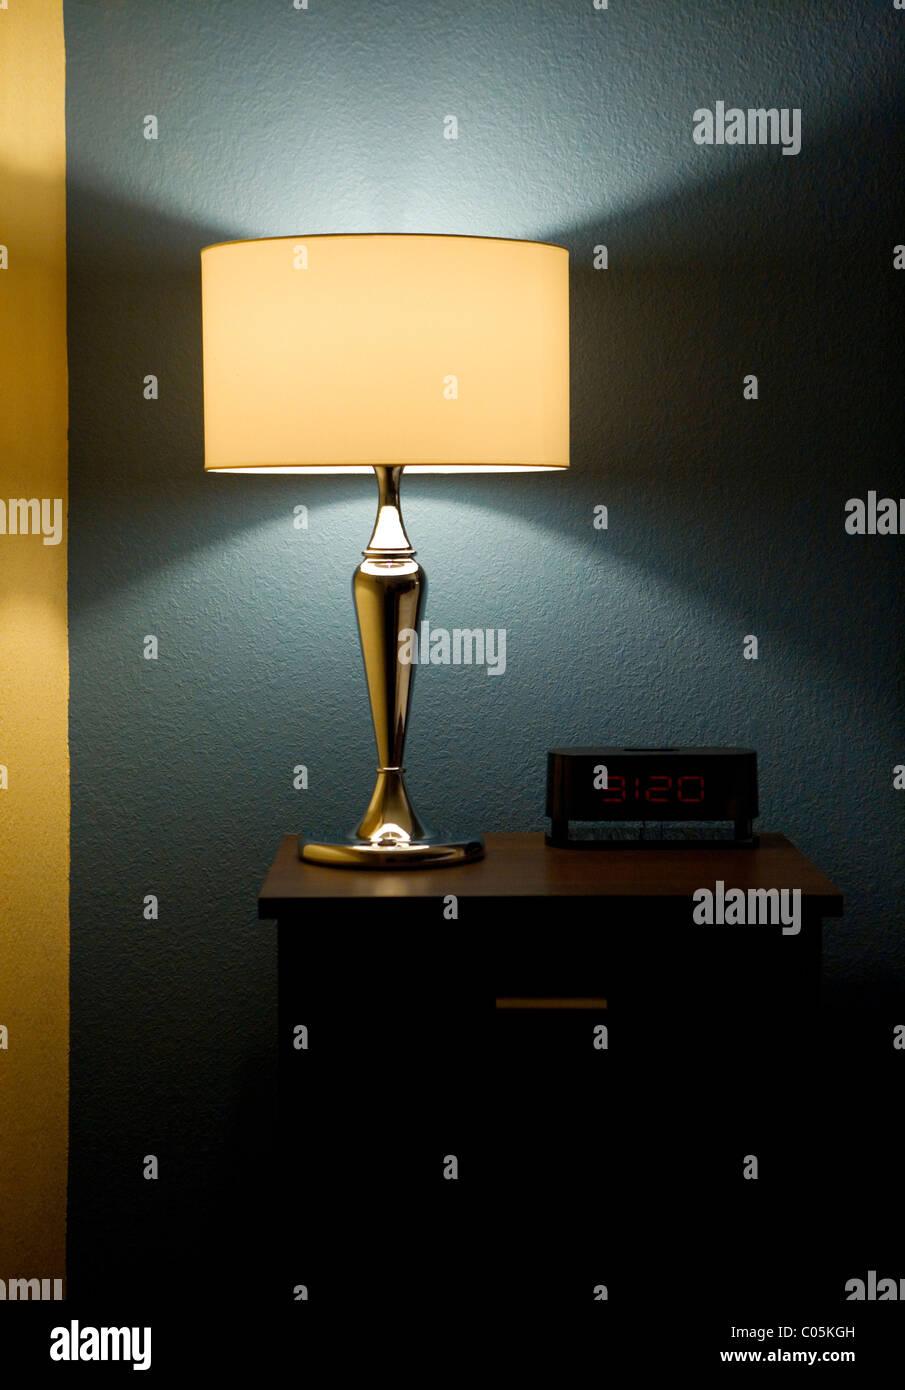 Lámpara, reloj digital, y al final el cuadro junto a la cama. Imagen De Stock